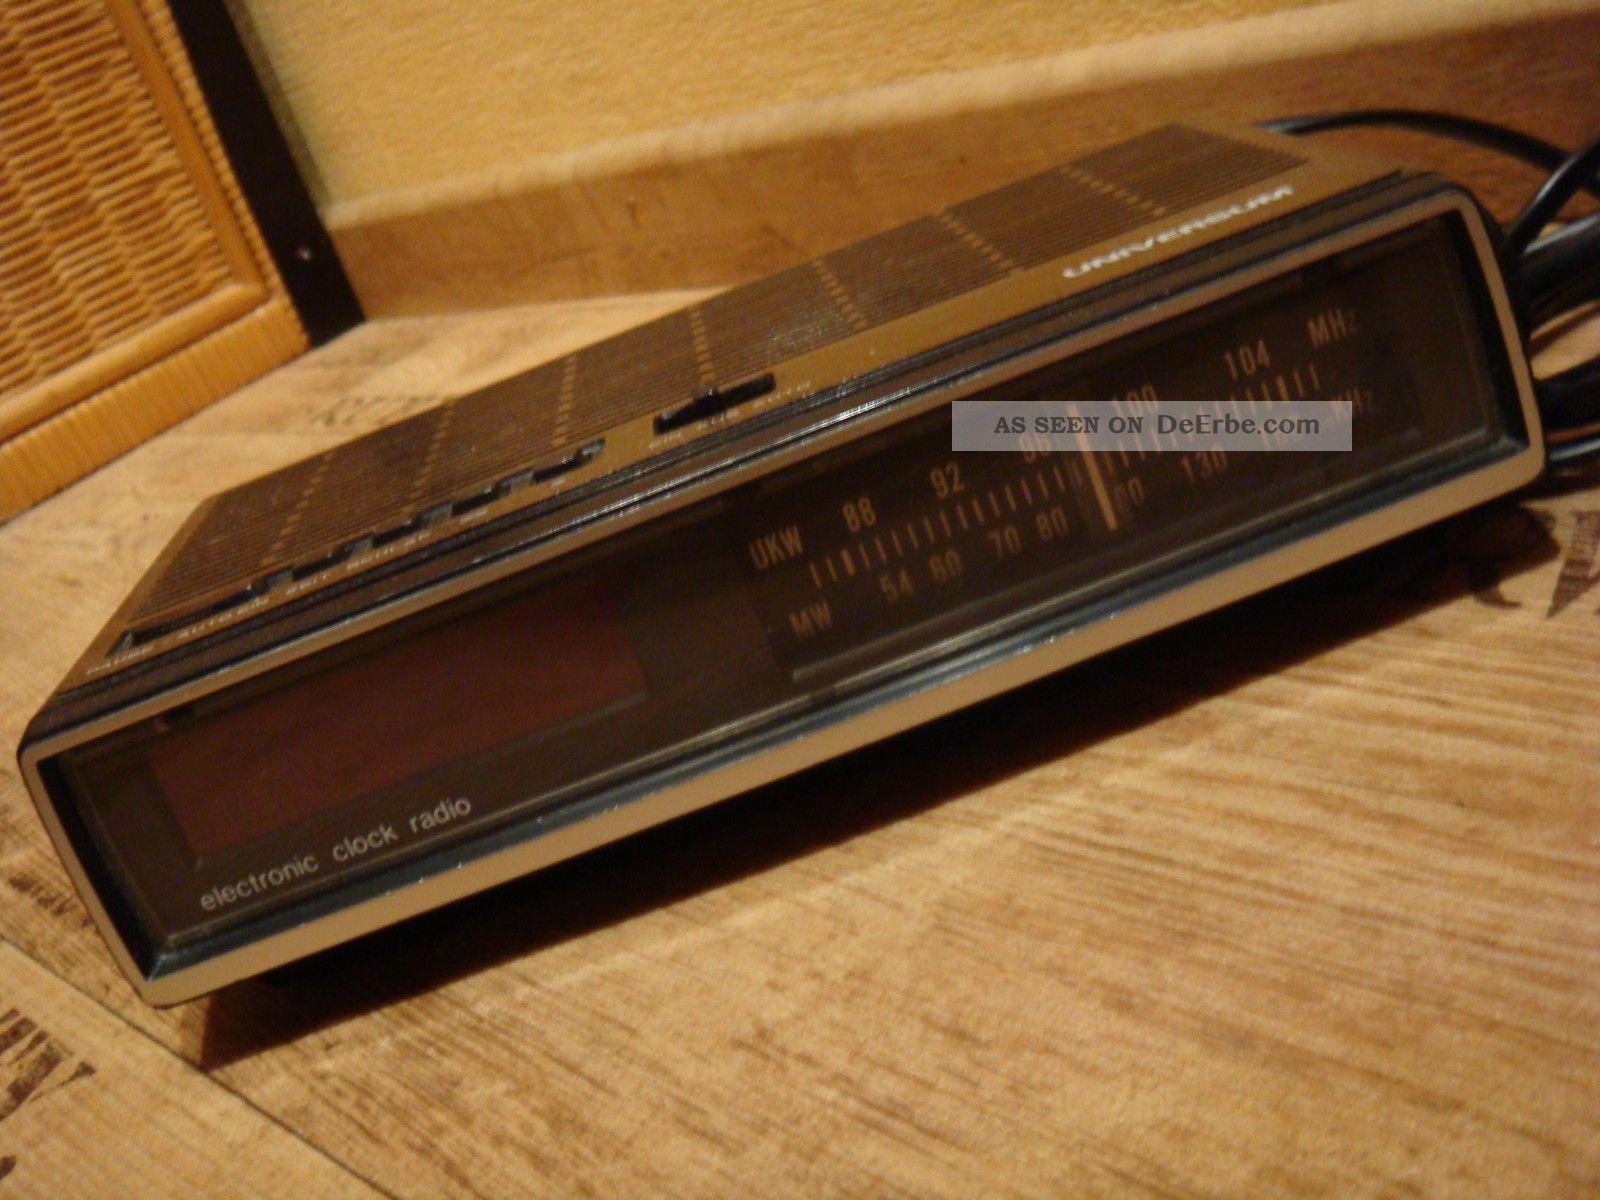 Radiowecker Universum 70er Radio Holzdekor Mit Digitalzahlen 1970-1979 Bild